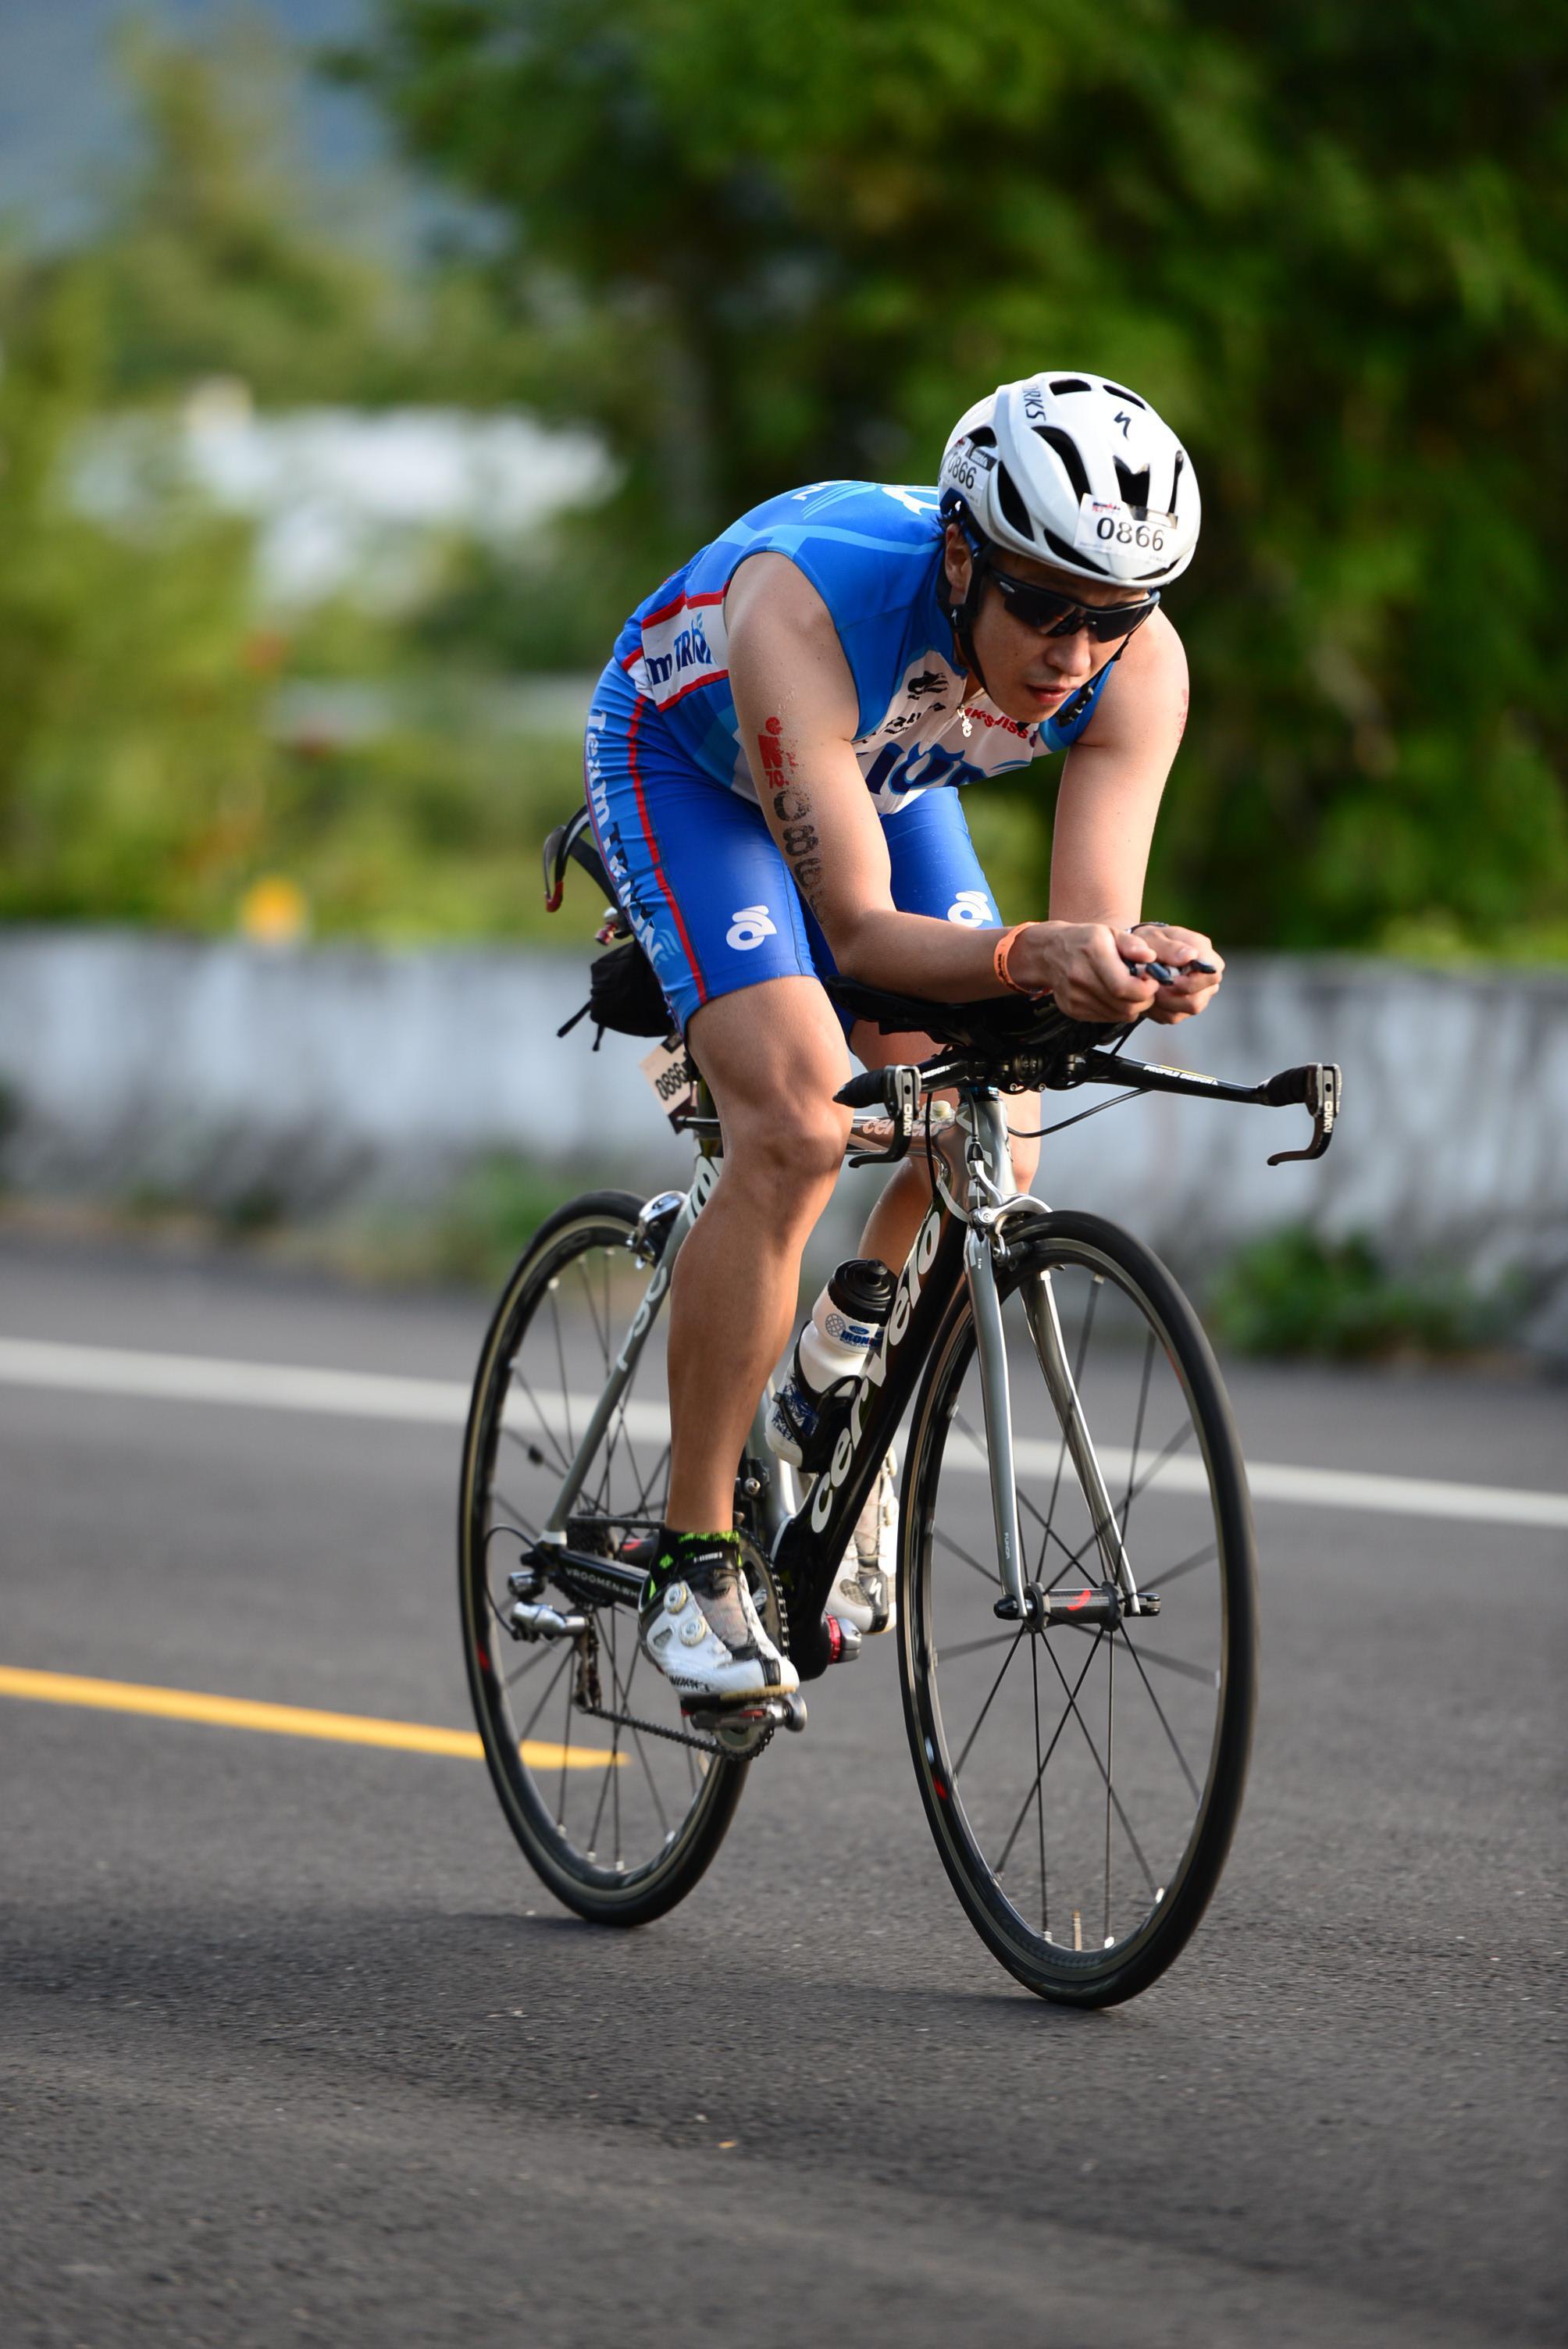 02_imt_bike.jpg